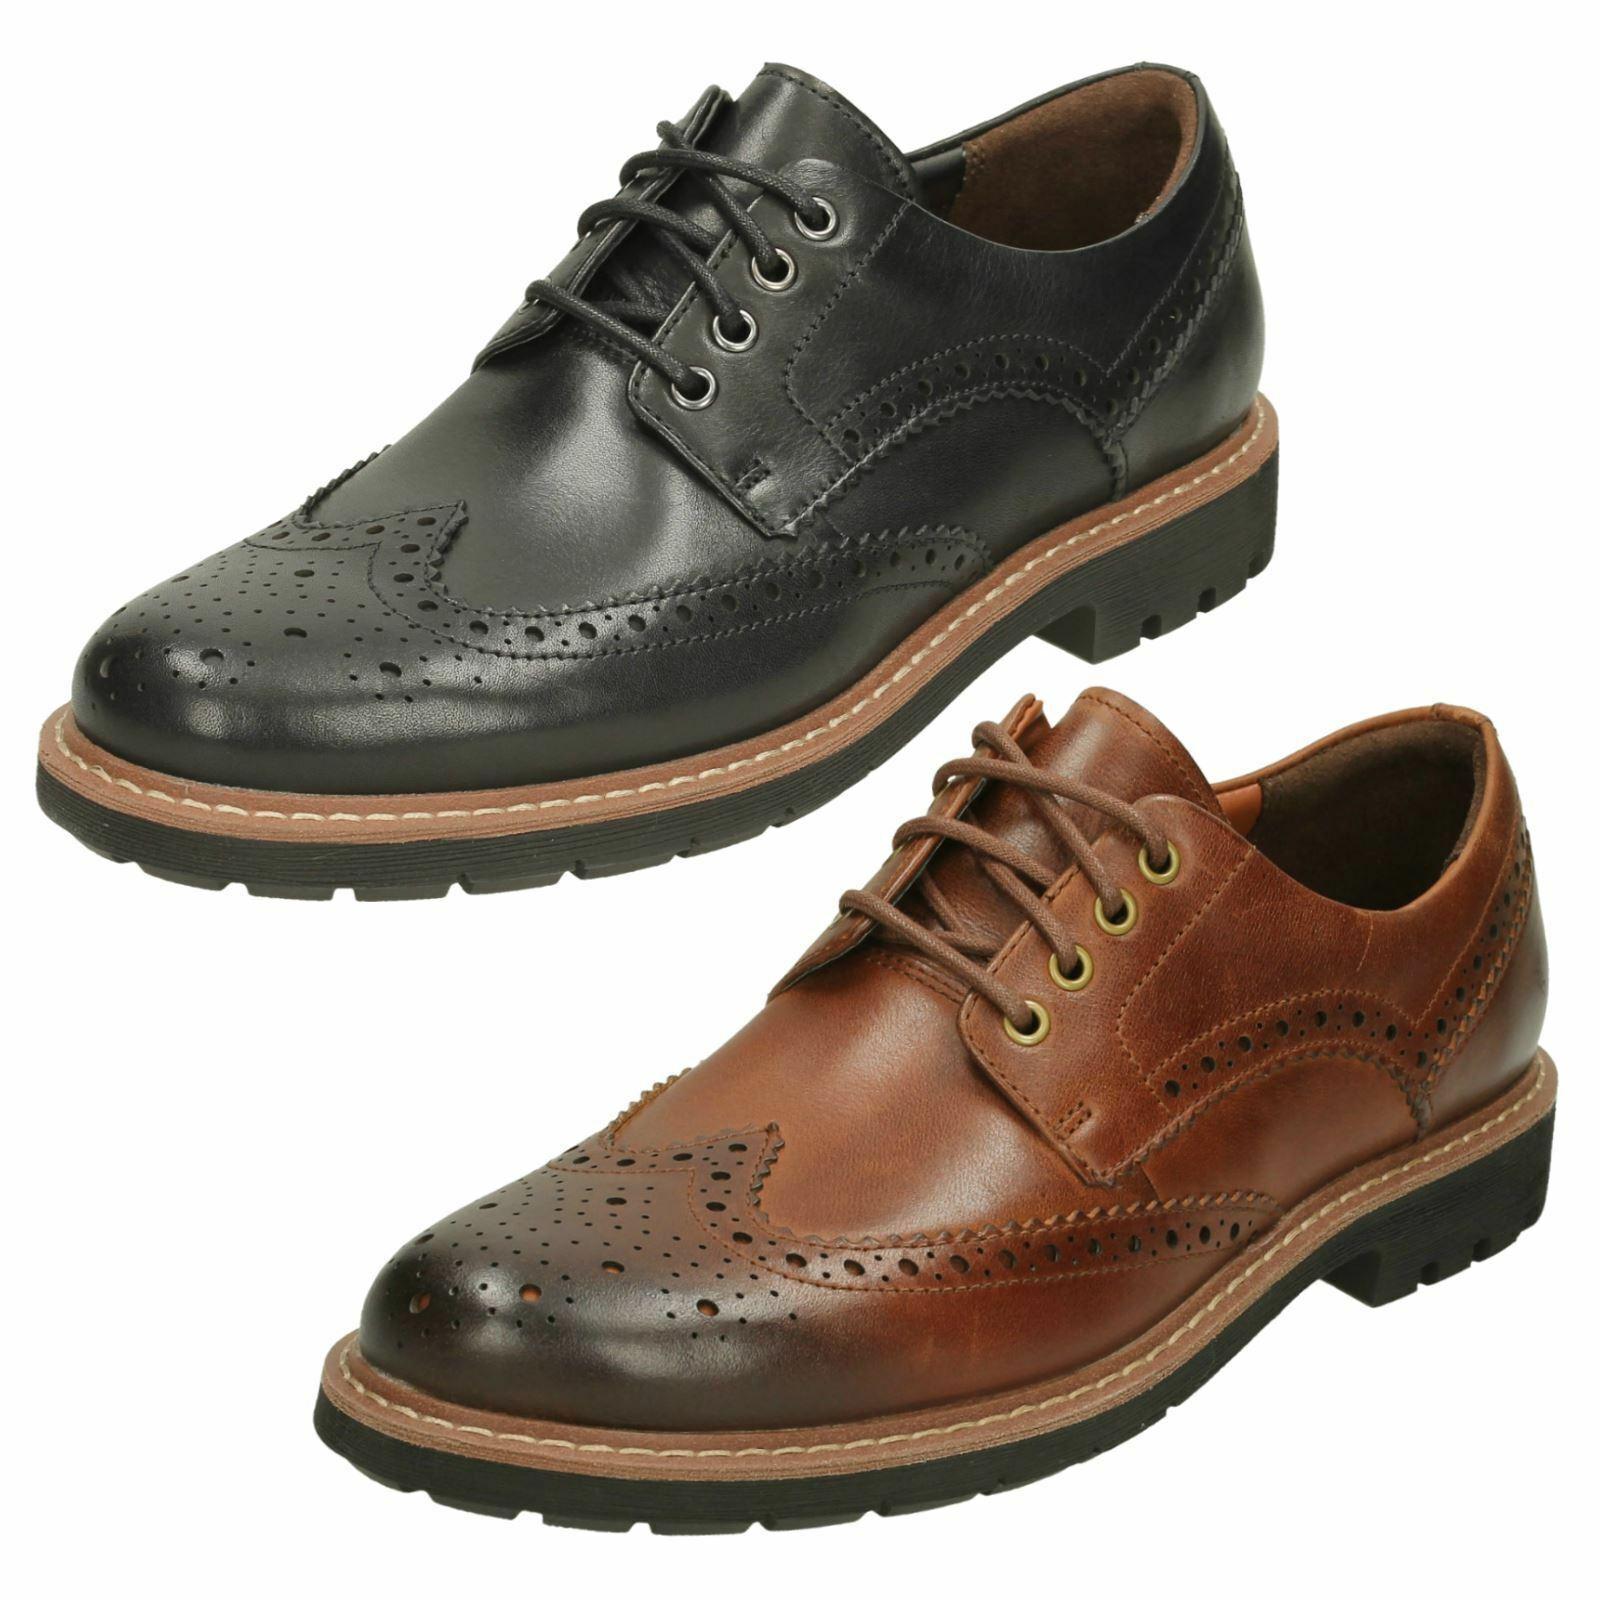 Clarks pour Hommes Chaussure Cuir Lacet Décontracté Richelieu Habillé Batcombe